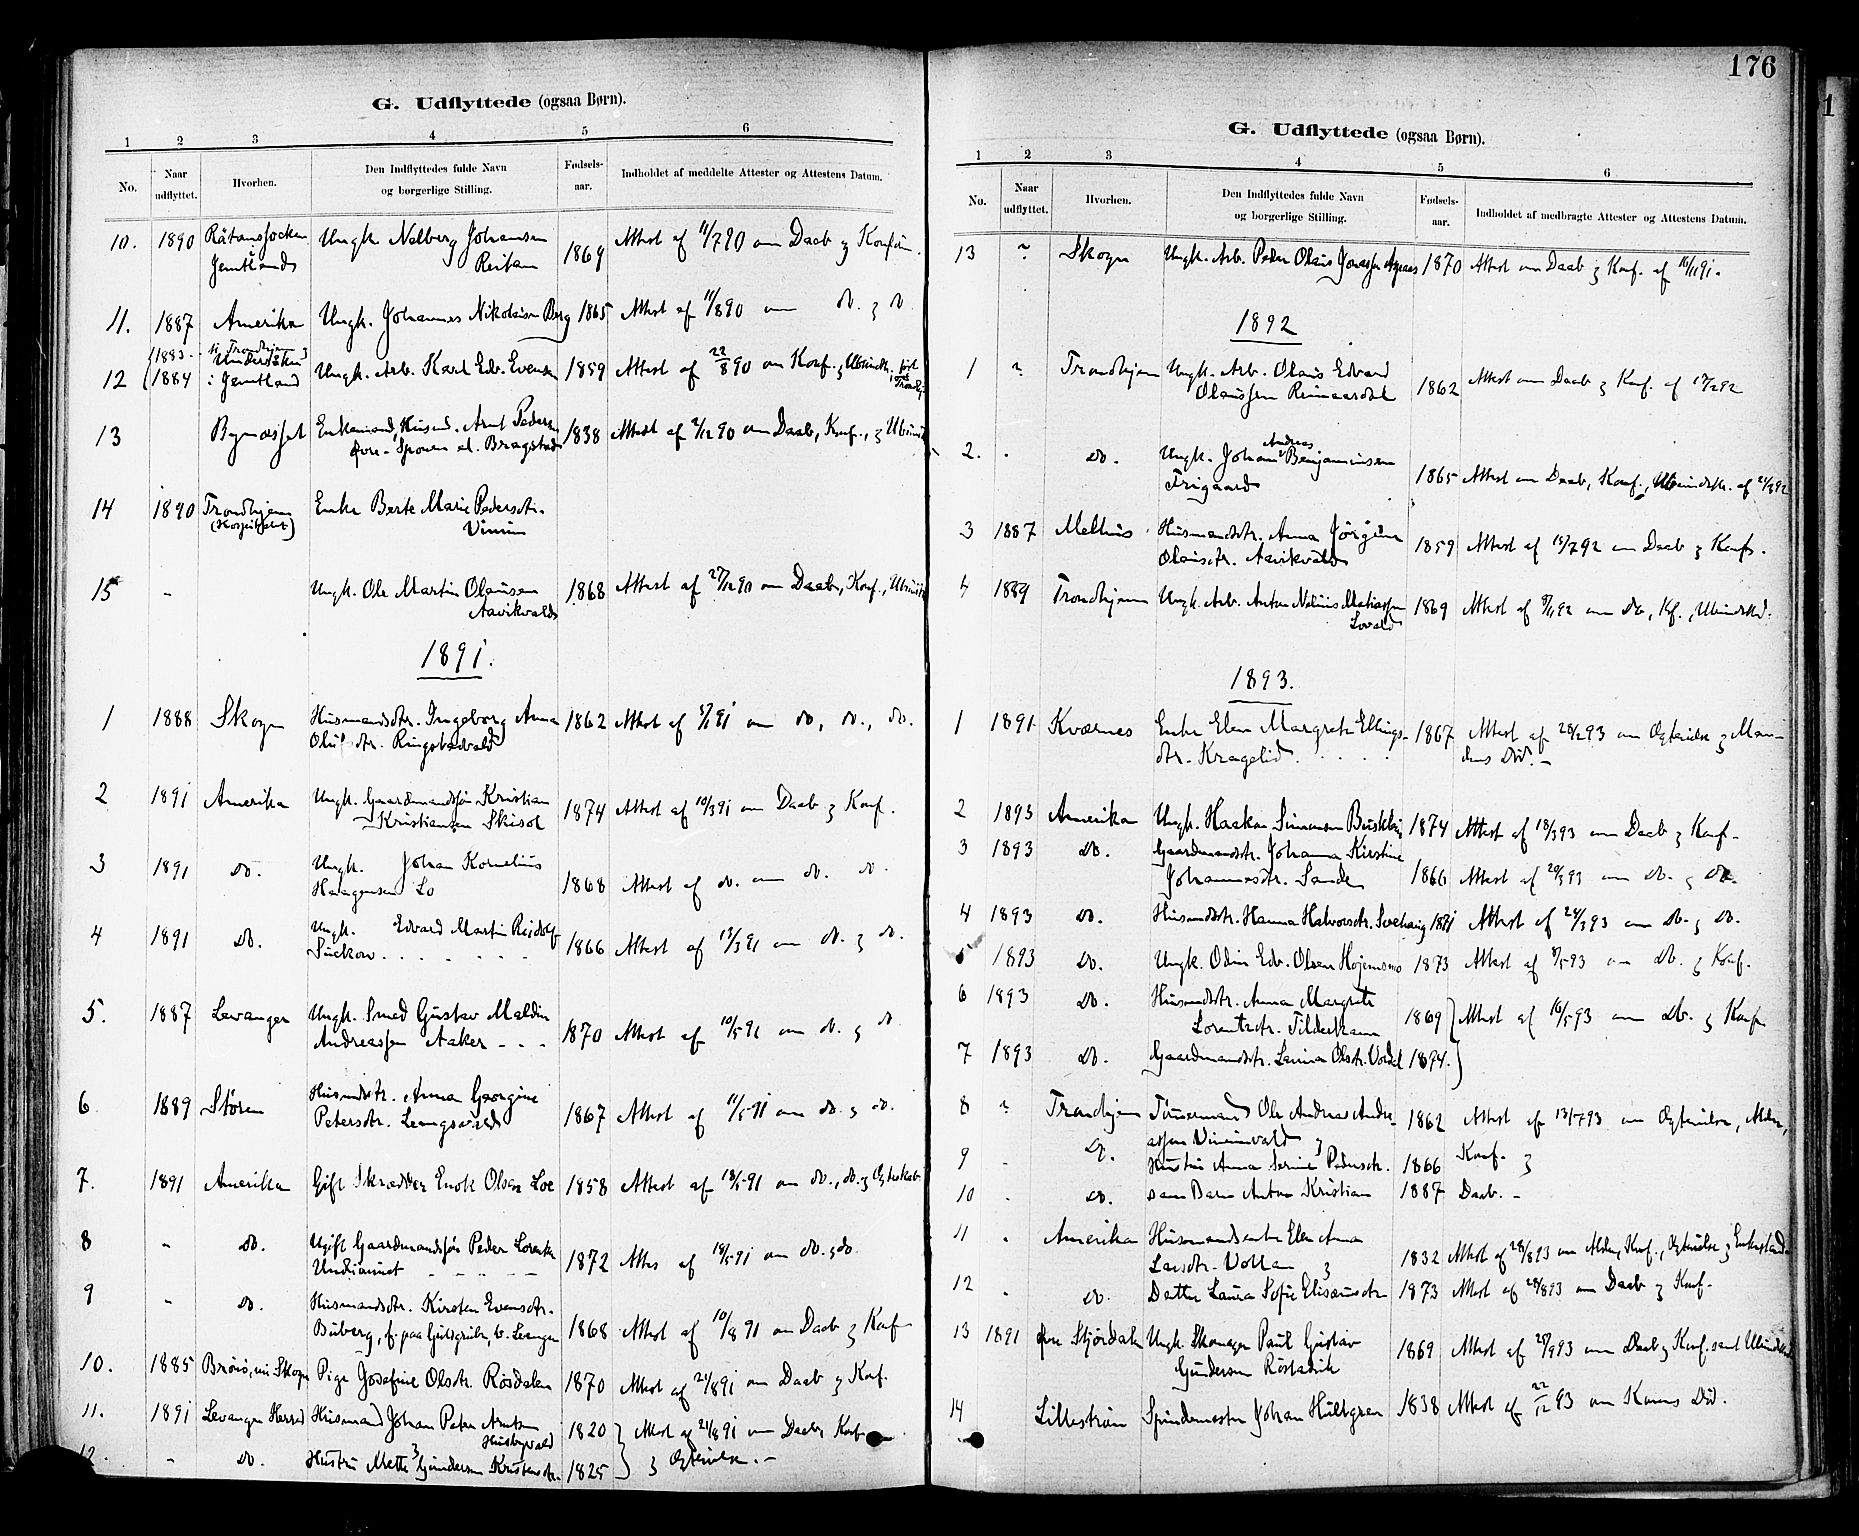 SAT, Ministerialprotokoller, klokkerbøker og fødselsregistre - Nord-Trøndelag, 714/L0130: Ministerialbok nr. 714A01, 1878-1895, s. 176